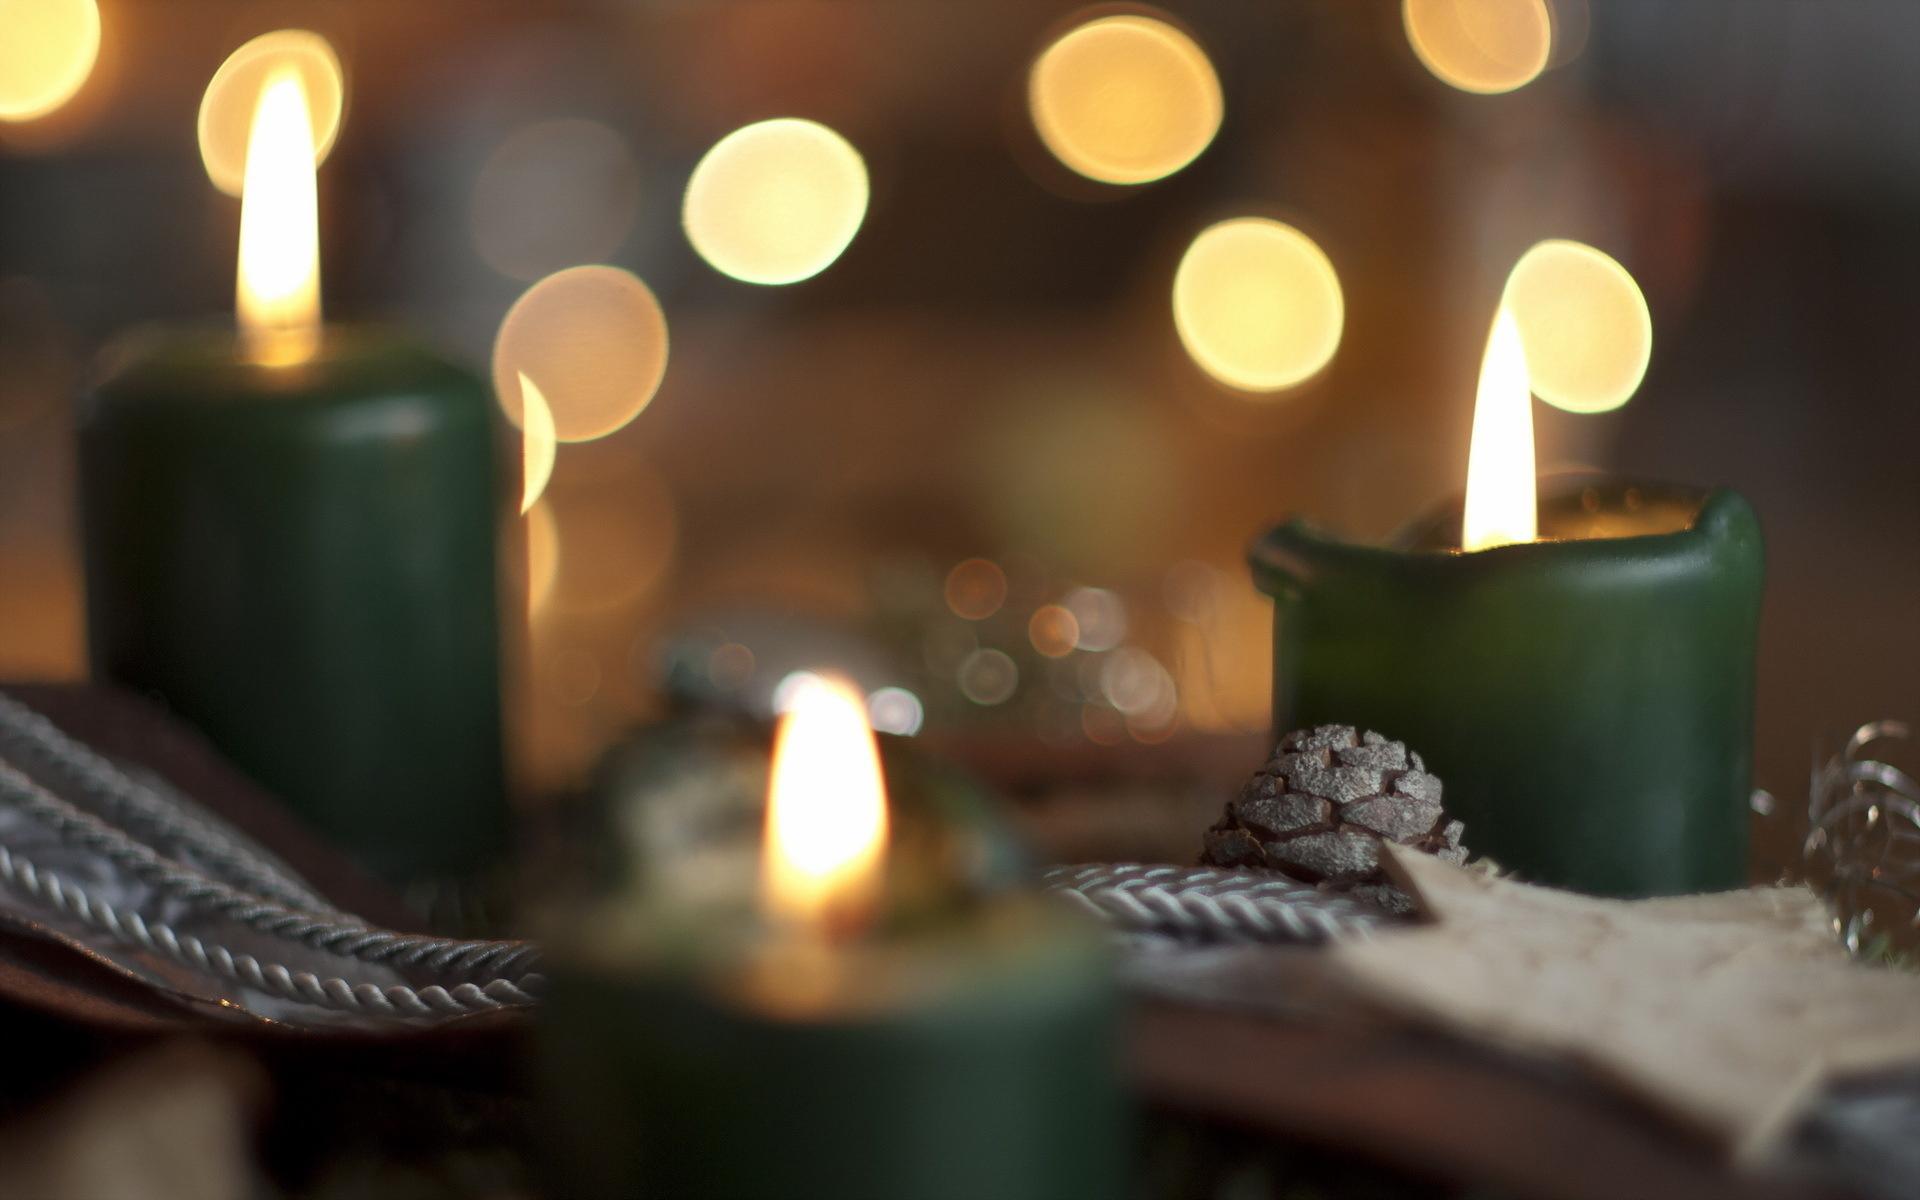 Картинка со свечами праздник, открытка